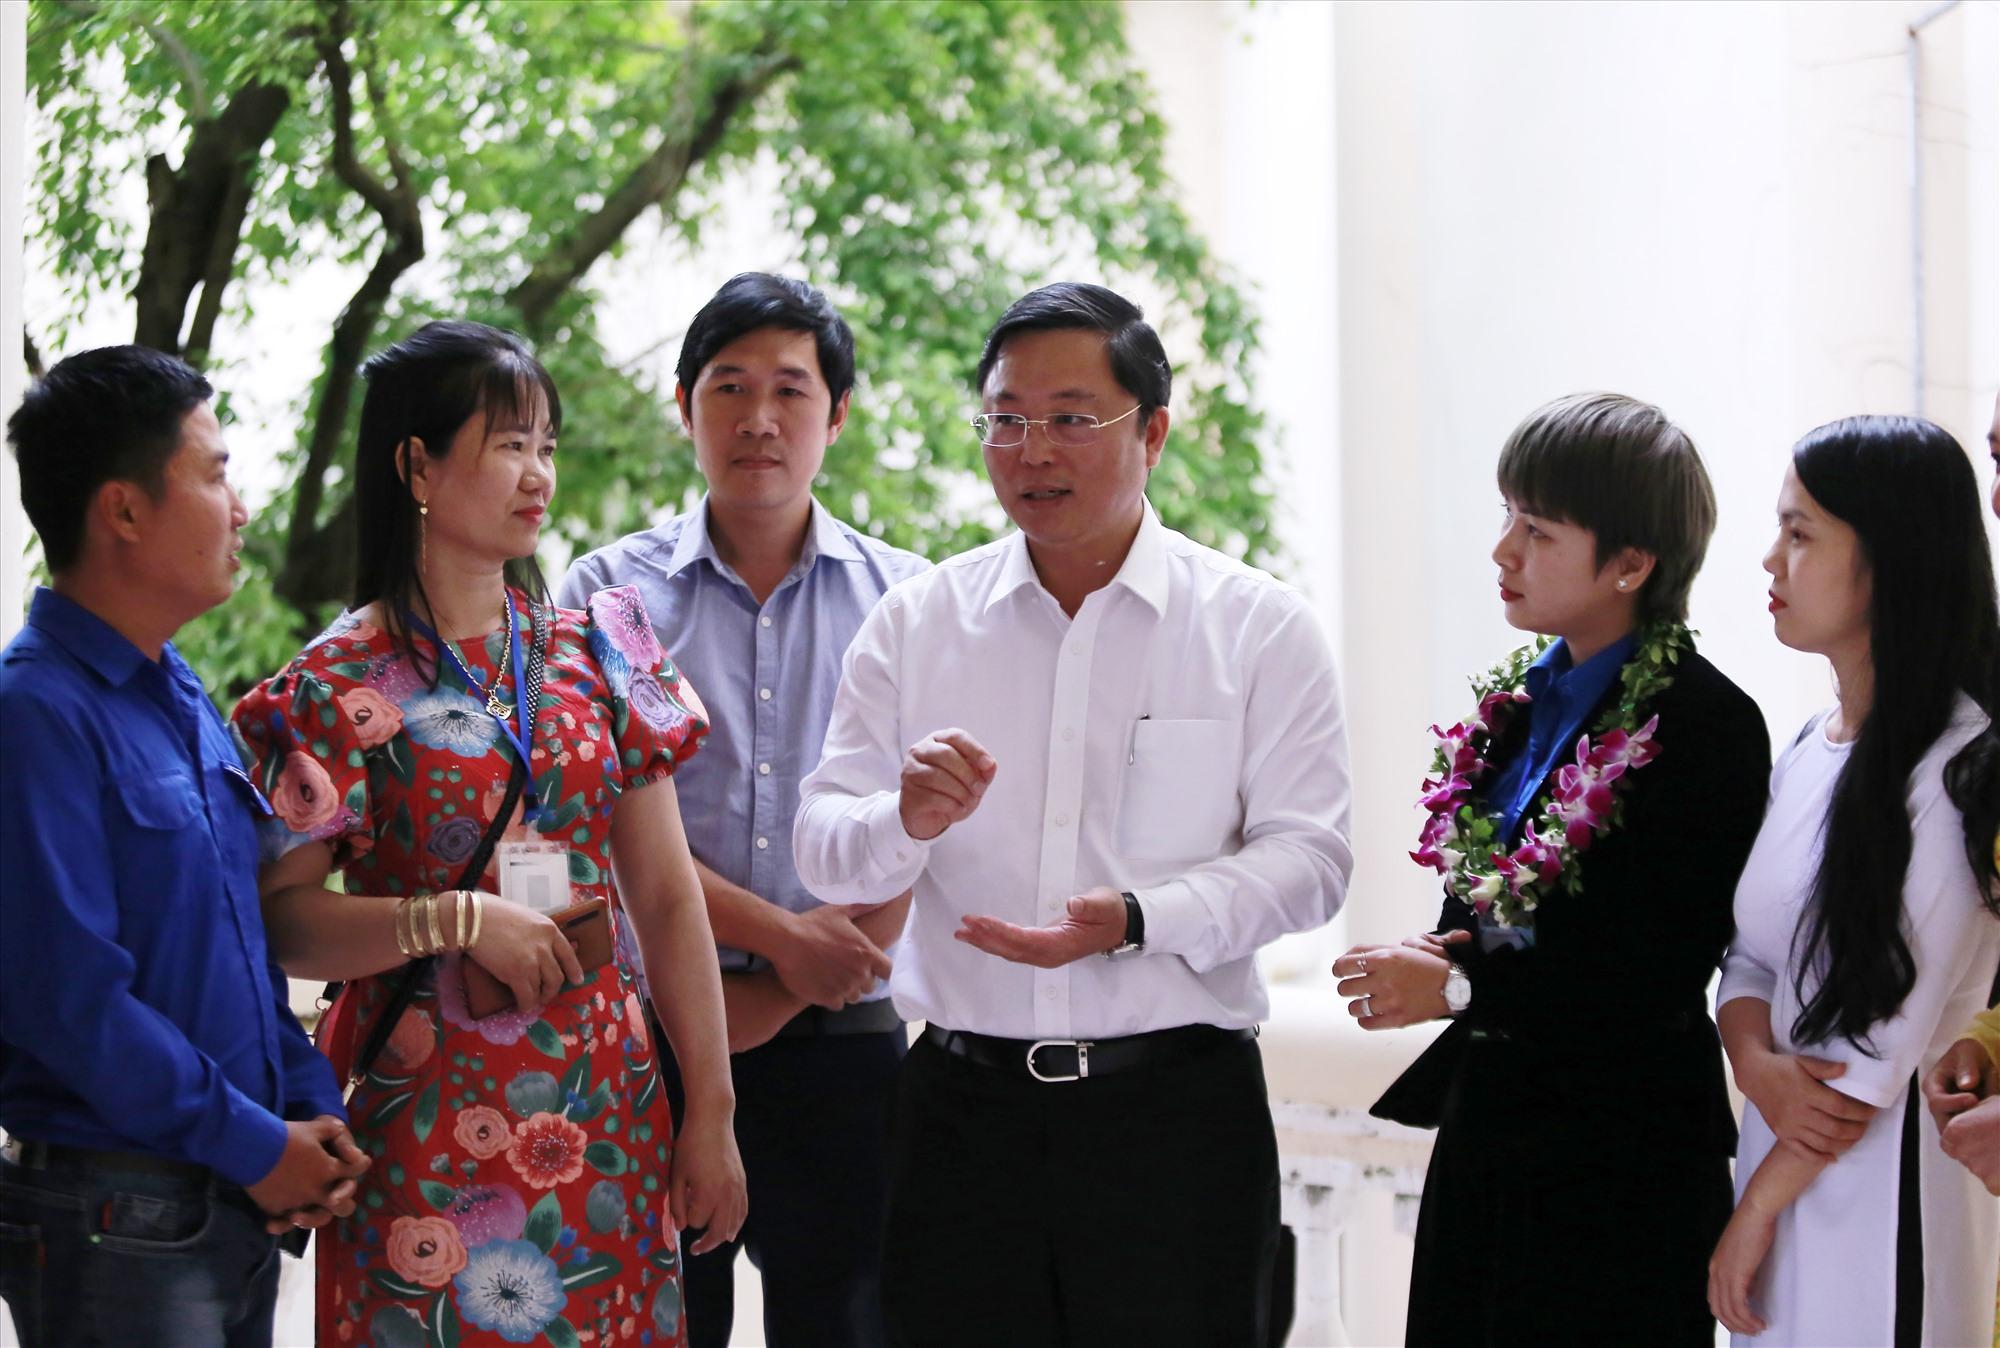 Chủ tịch UBND tỉnh Lê Trí Thanh trao đổi với các chủ doanh nghiệp trẻ. Ảnh: THÀNH CÔNG